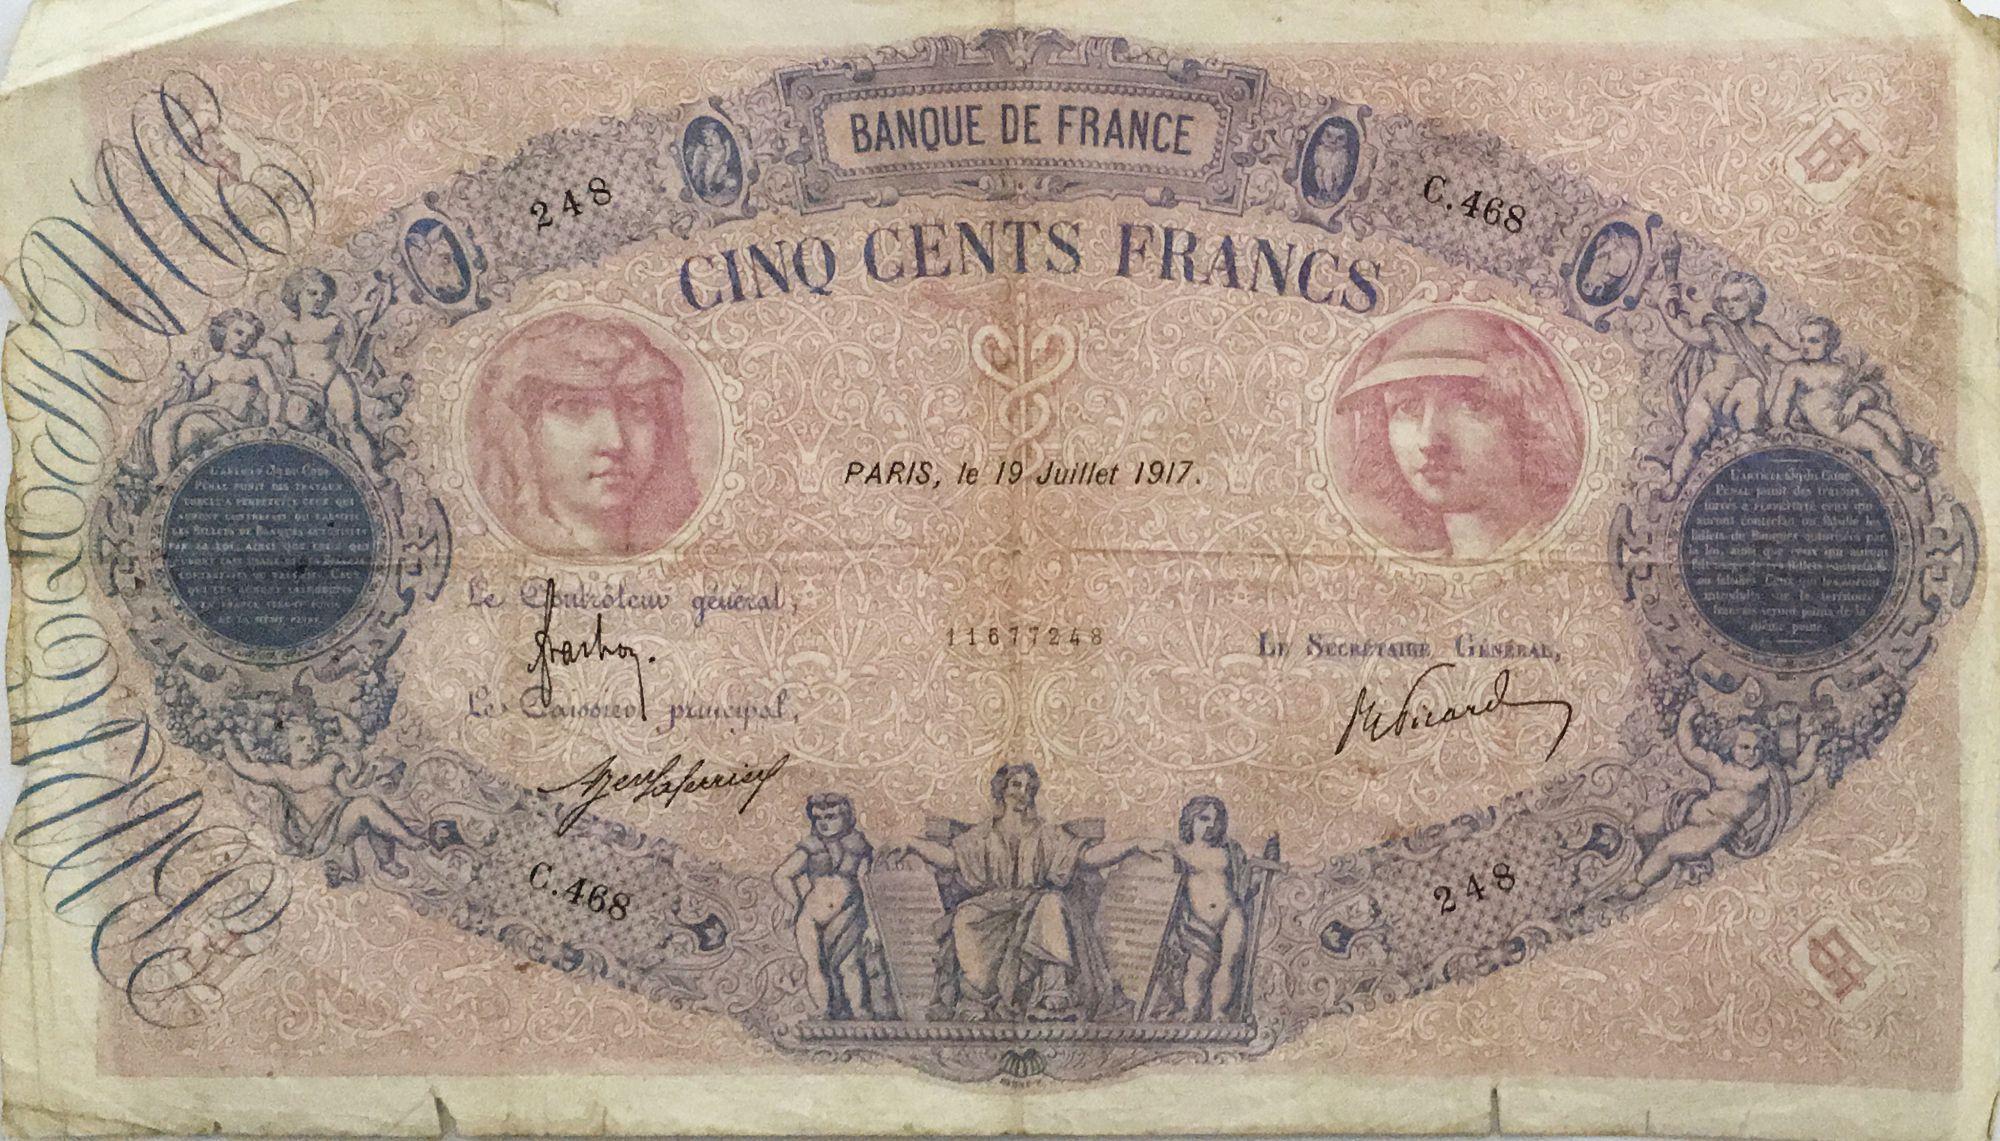 France 500 Francs Rose et Bleu - 19-07-1917 Série C.468 - PTB